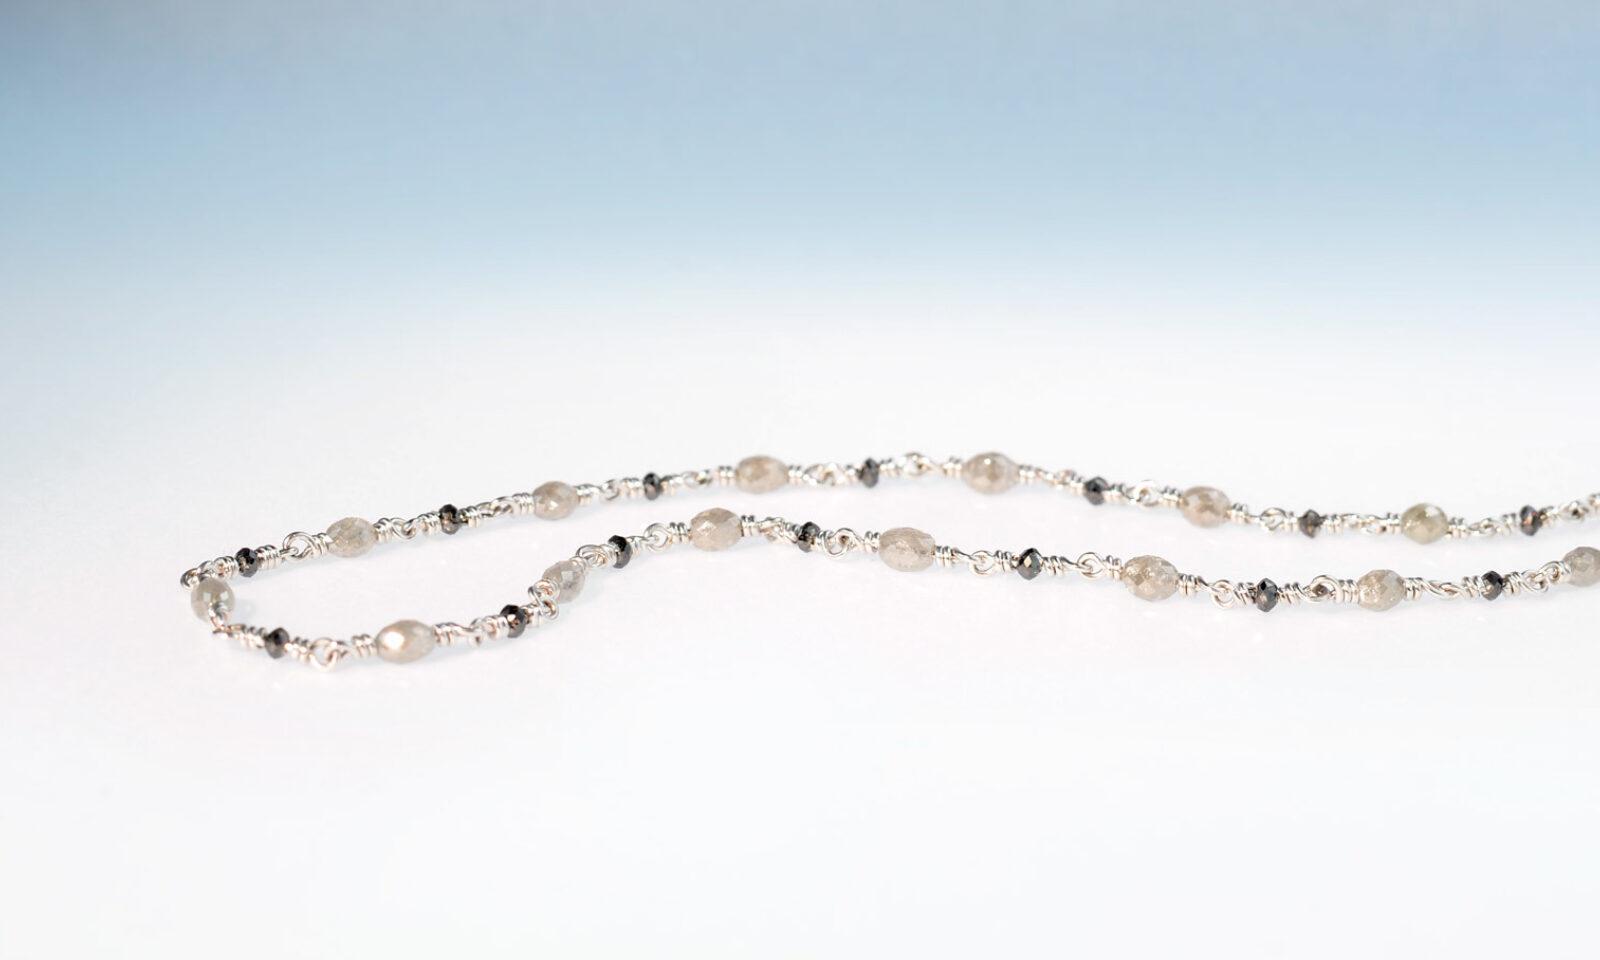 Kette diamant grau schwarz. Kette Weissgold 750 mit Diamanten grau natur 2.7 mm und schwarz 2.0 mm, 8.45 ct., Länge 45 cm, CHF 3600.-